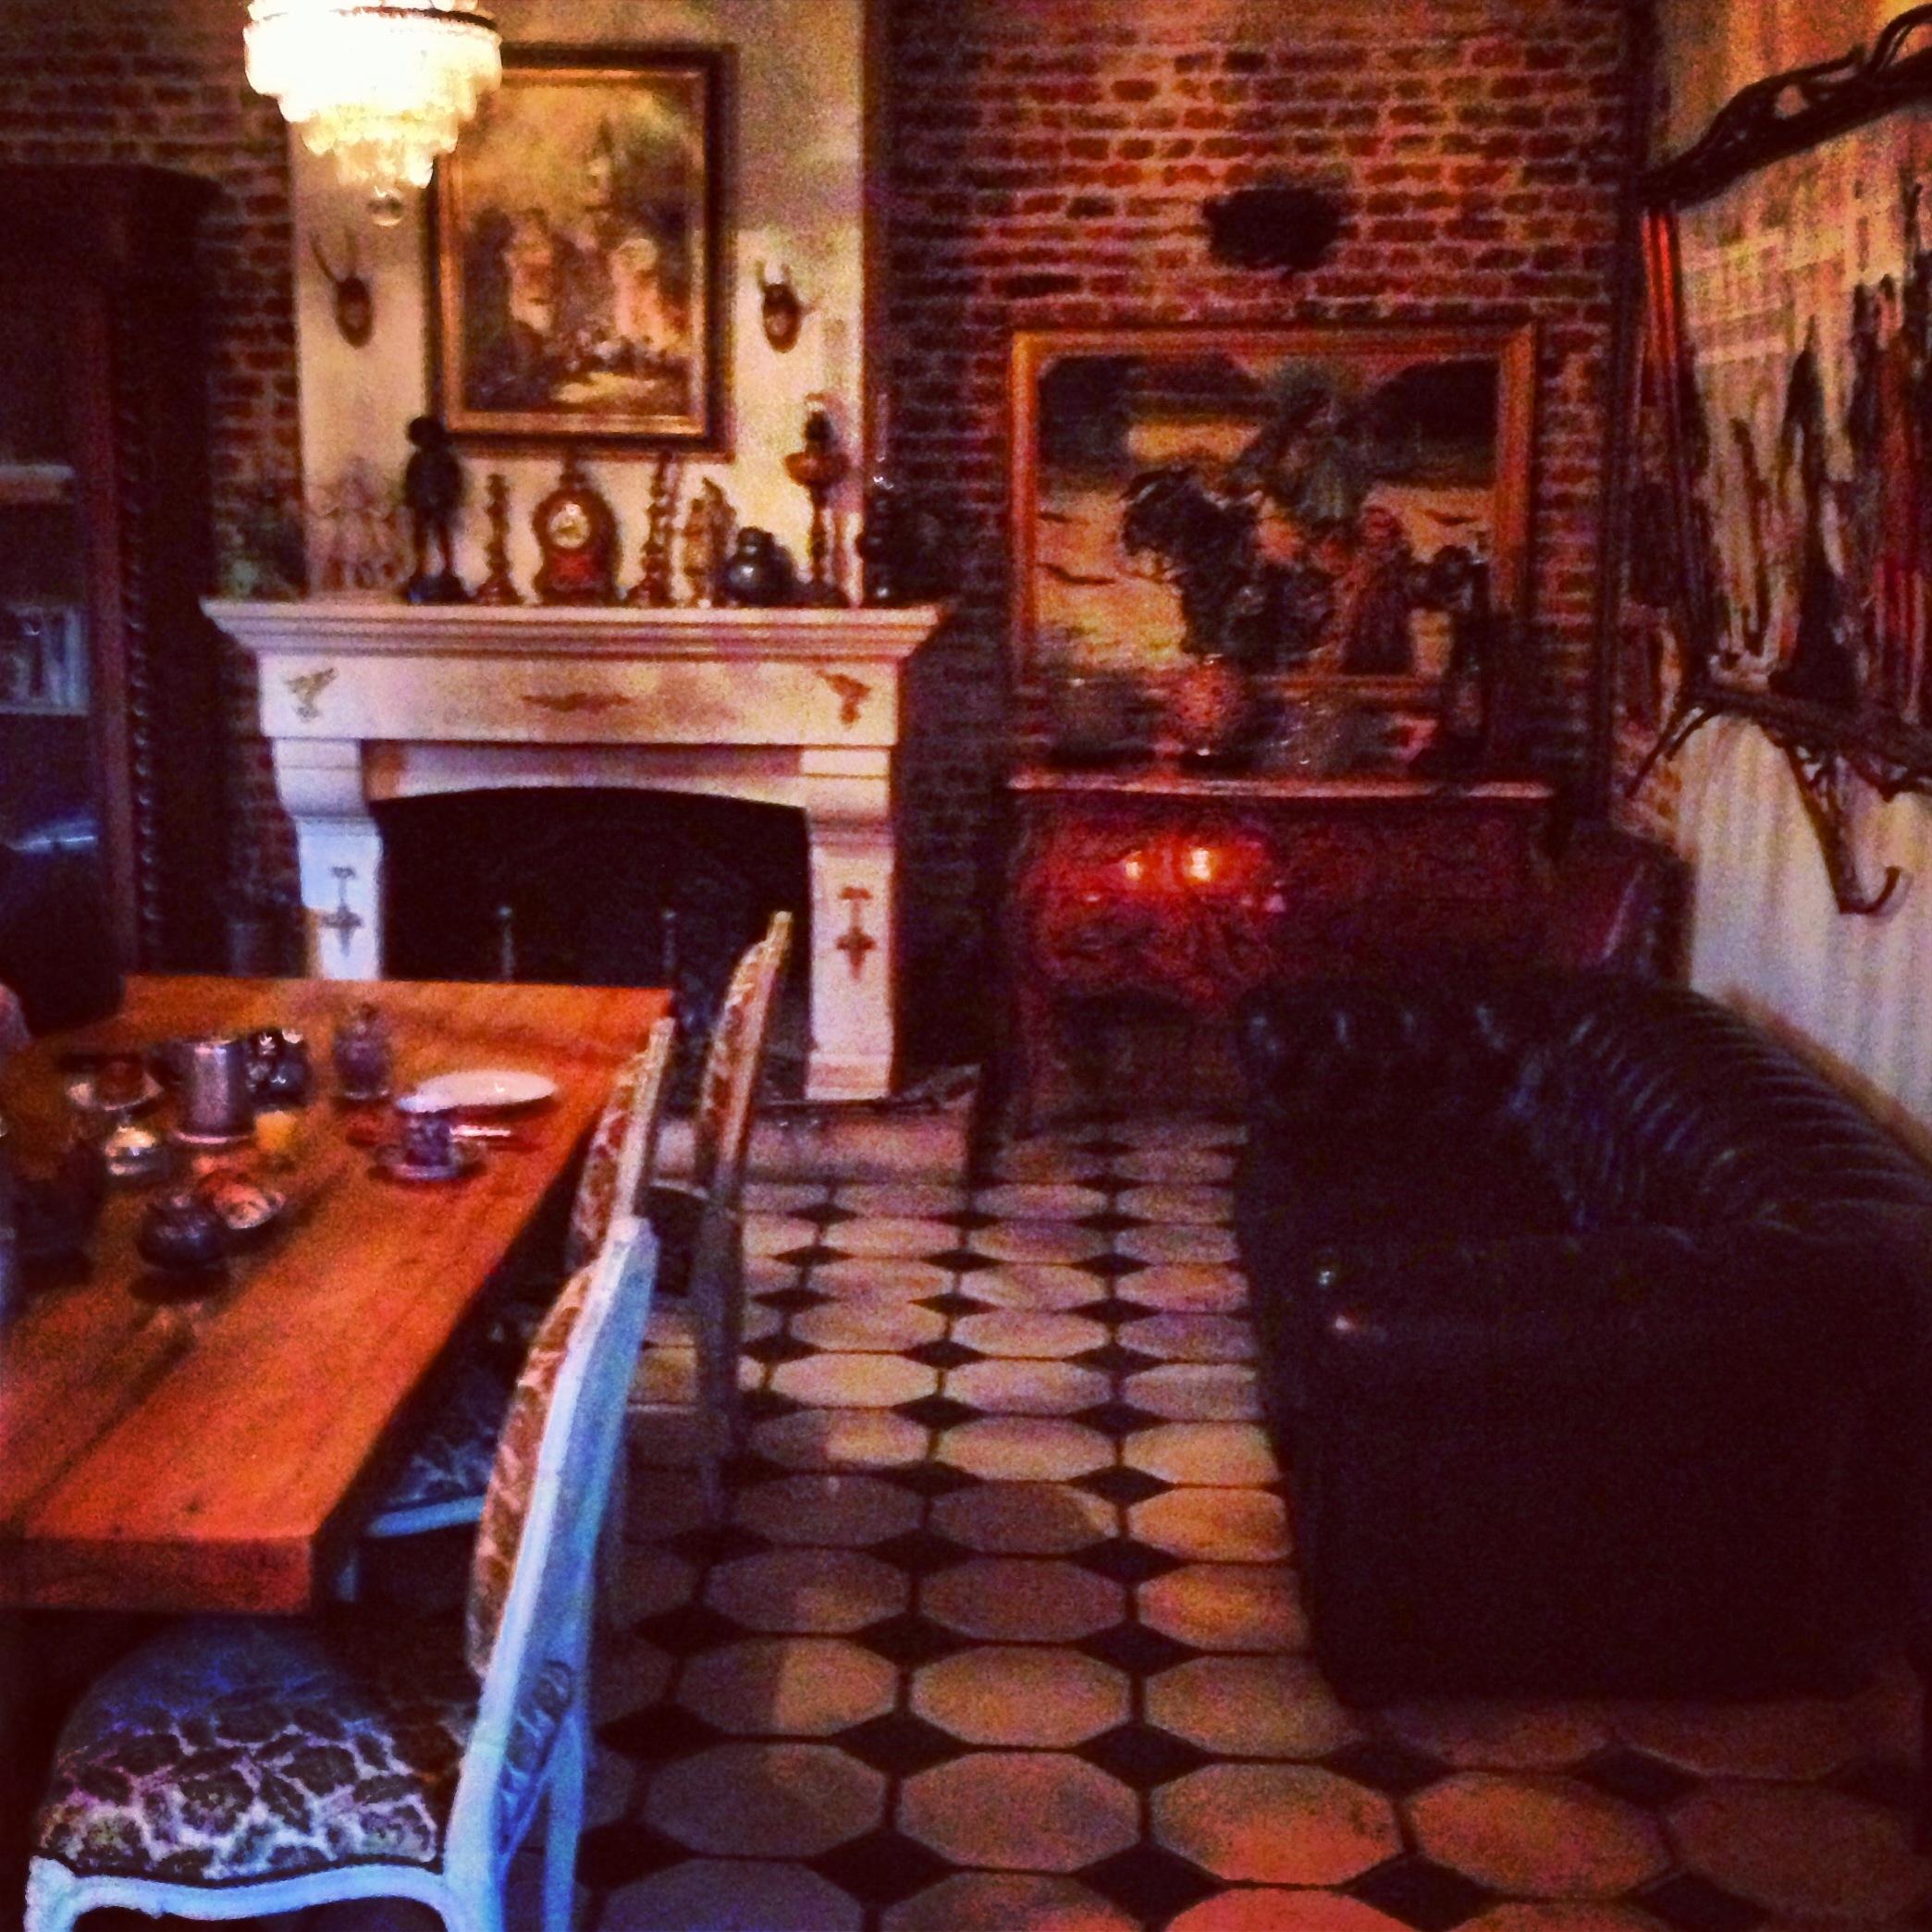 La salle à manger, le temps d'un rêve; chambres d'hôtes